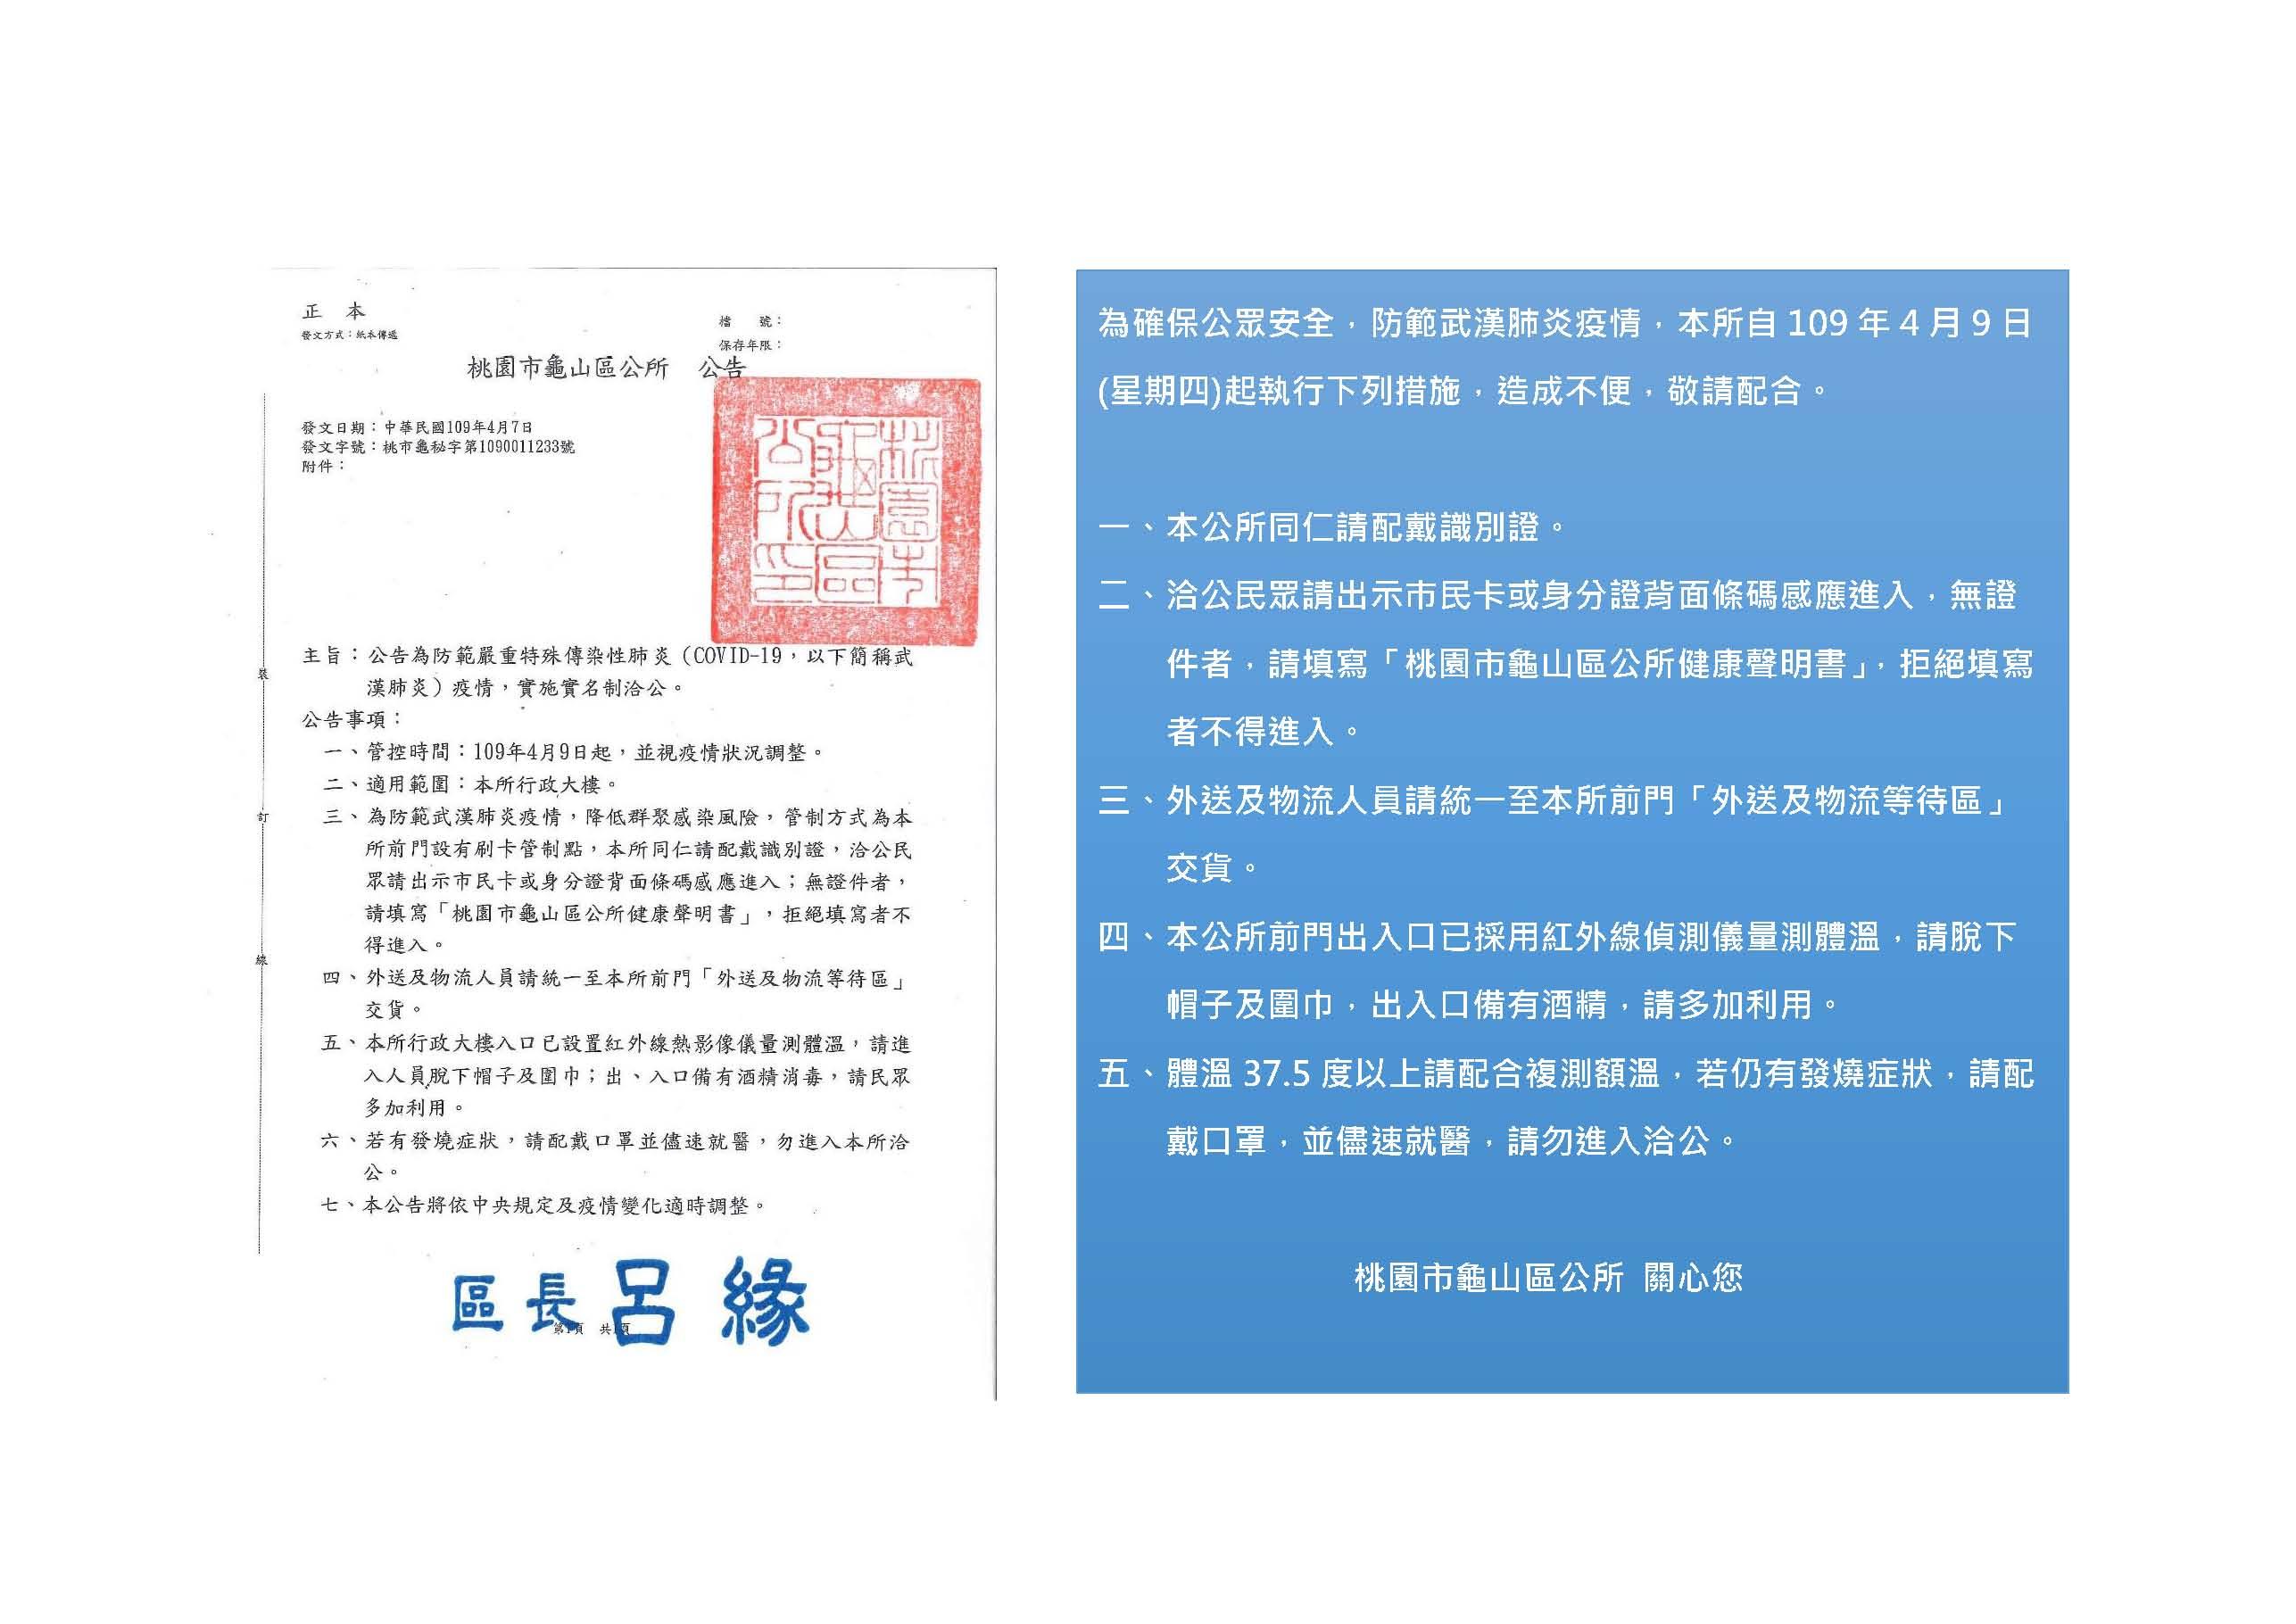 龜山區公所自109年4月9日(星期四)起實施洽公實名制